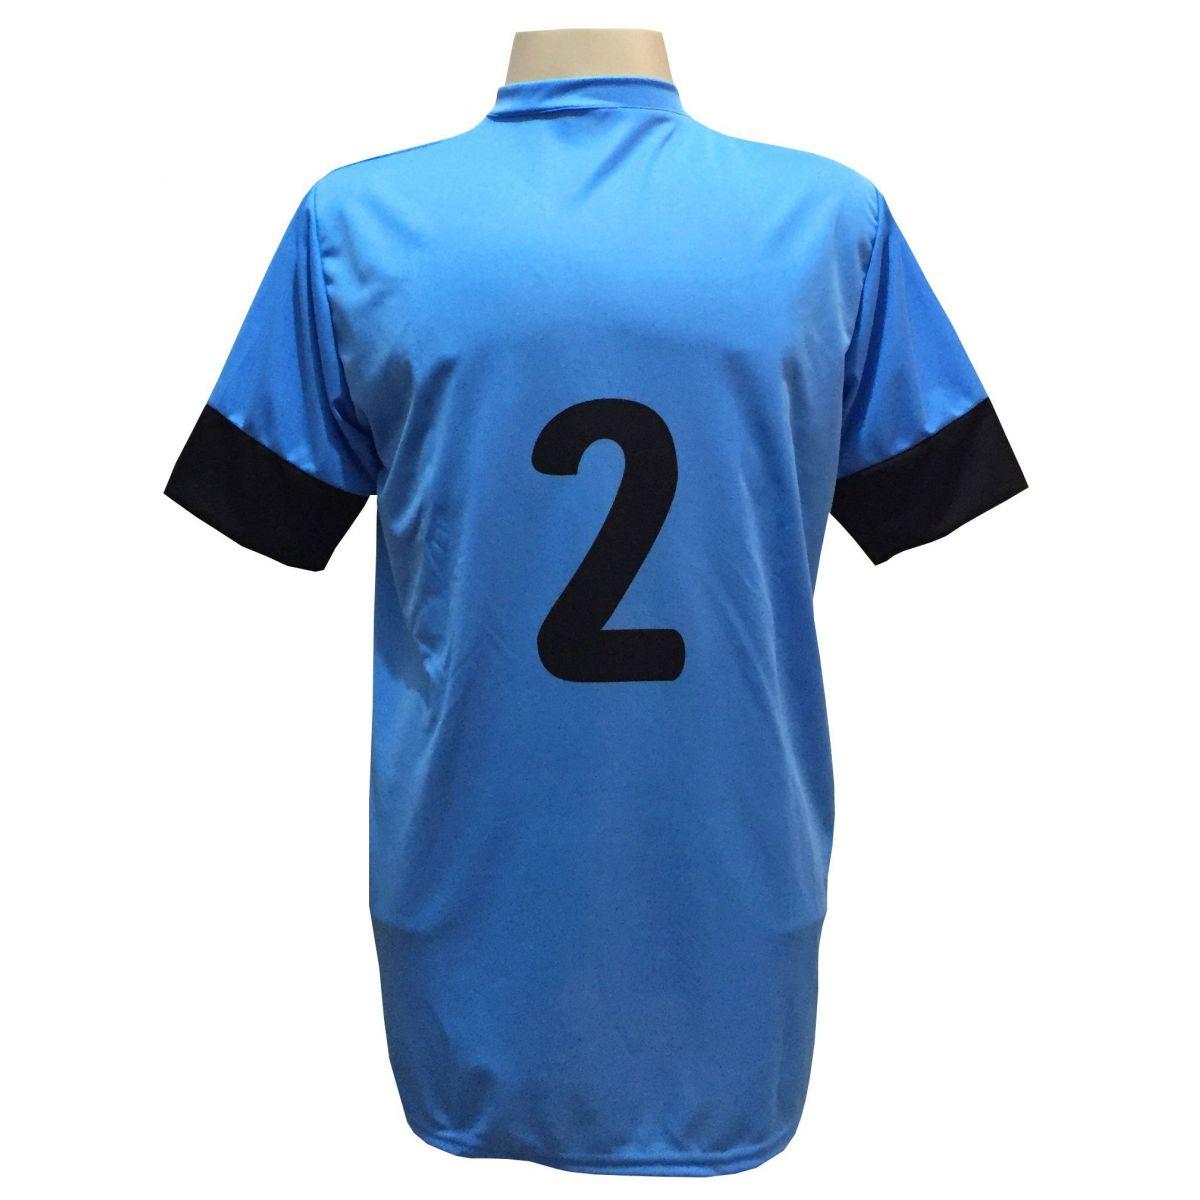 Fardamento Completo Modelo Columbus 18+1 (18 Camisas Celeste/Preto + 18 Calções Madrid Preto + 18 Pares de Meiões Preto + 1 Conjunto de Goleiro) + Brindes